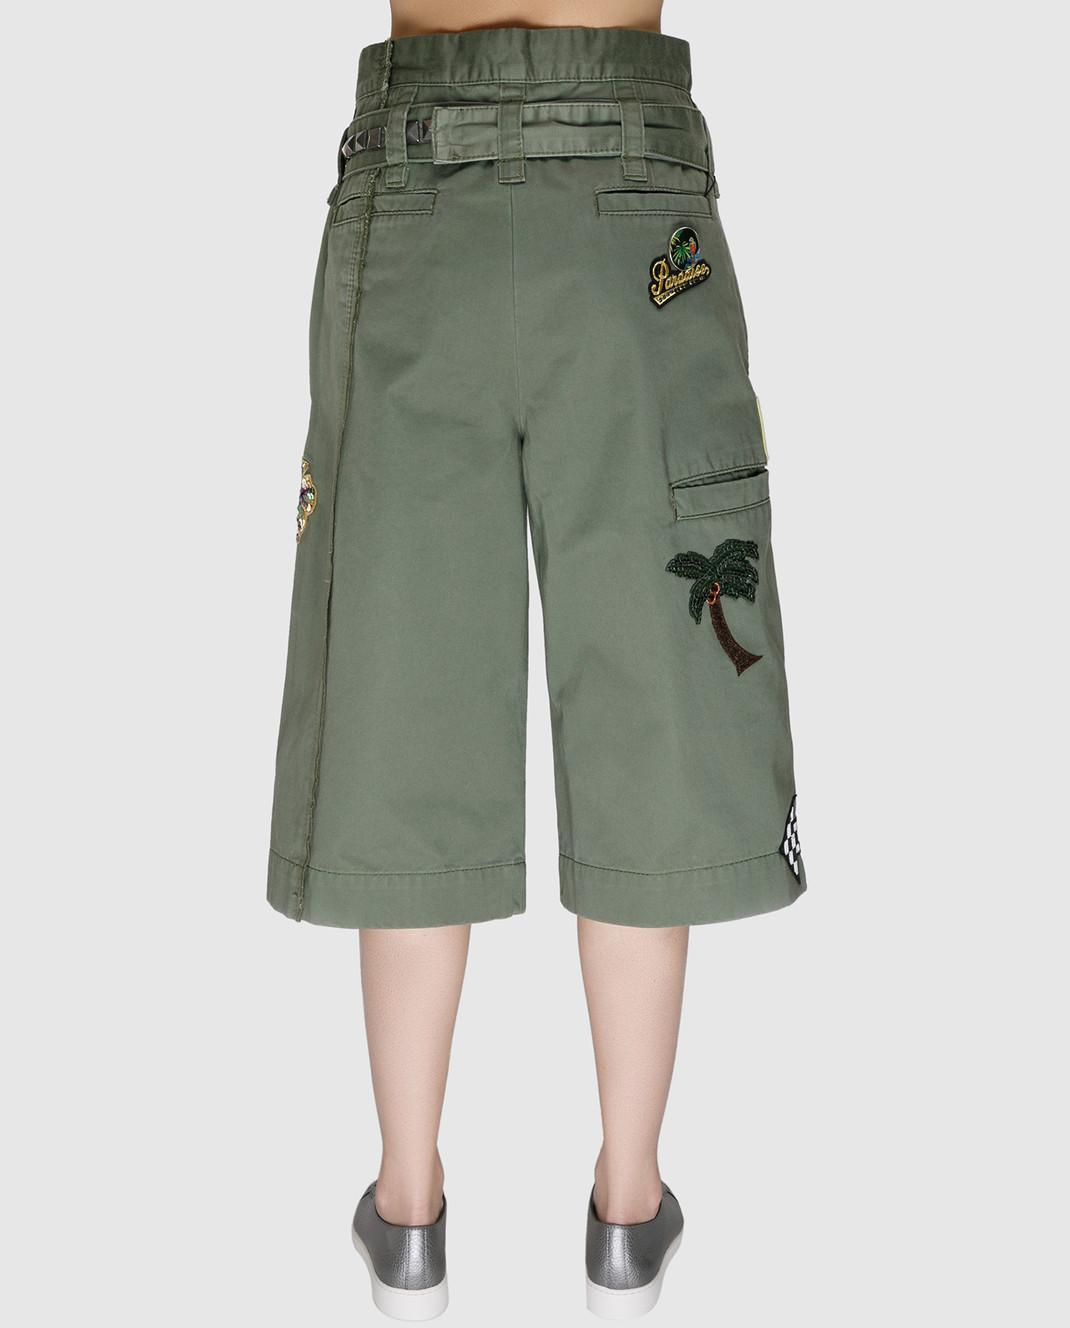 Marc Jacobs Зеленые шорты со съемным ремнем M4006493 изображение 4